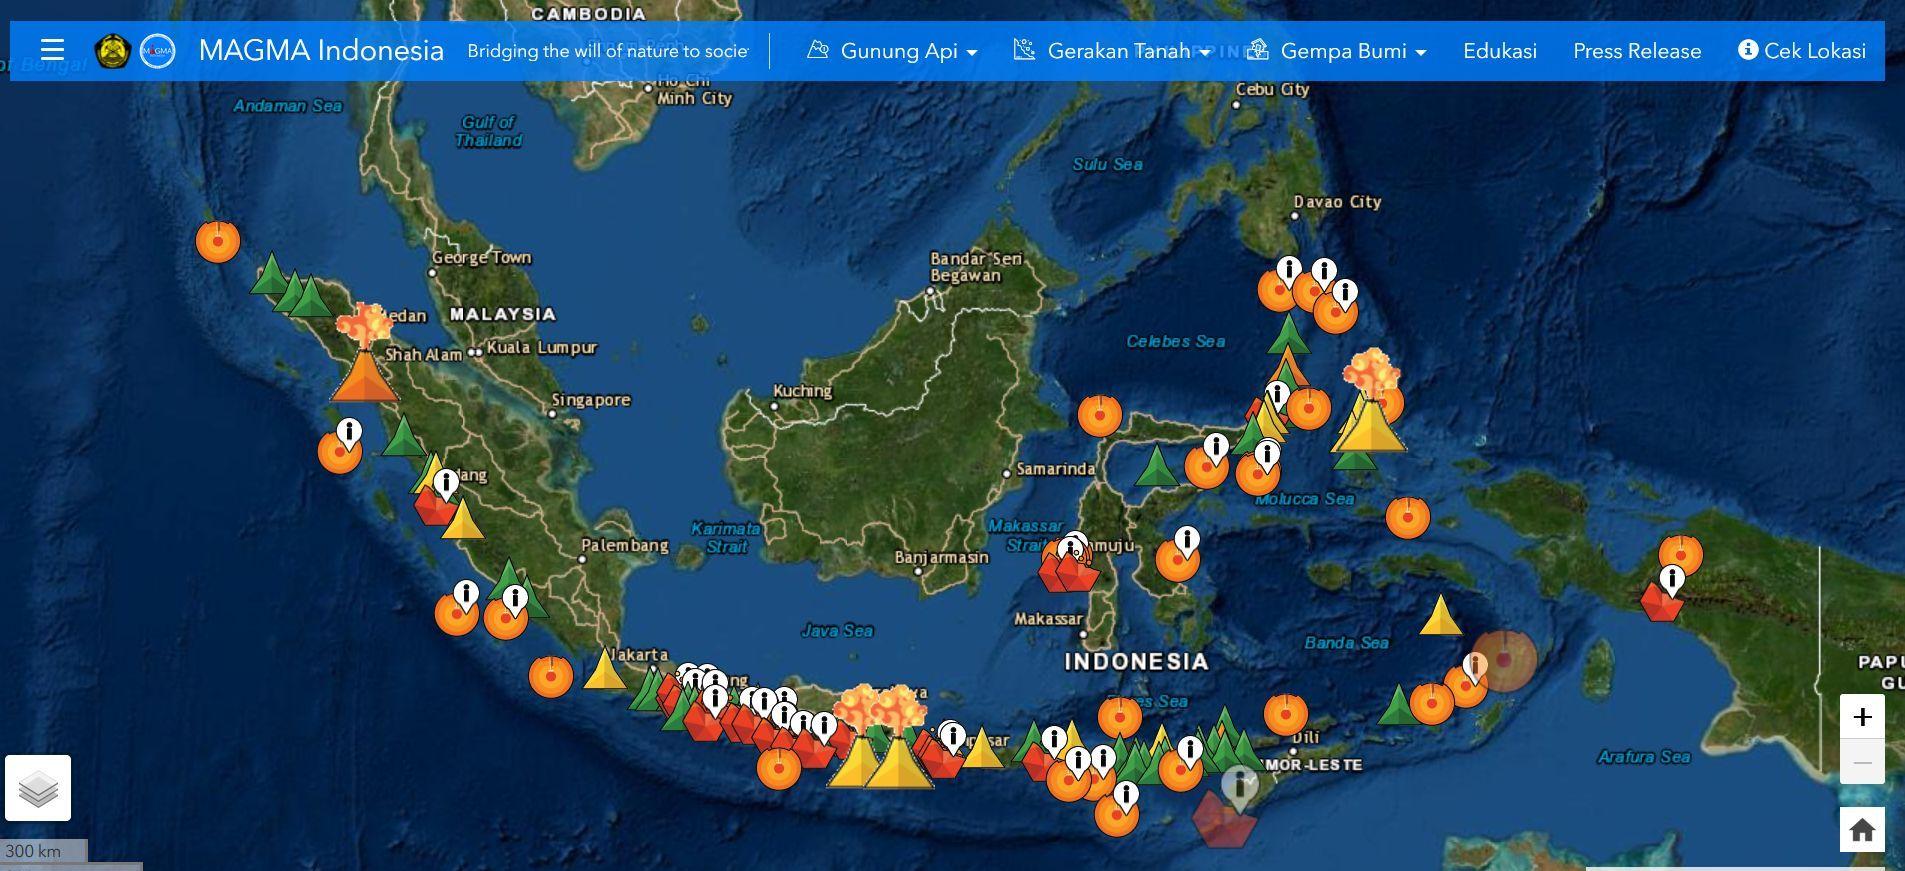 Peta Status Gunung Berapi di Indonesia